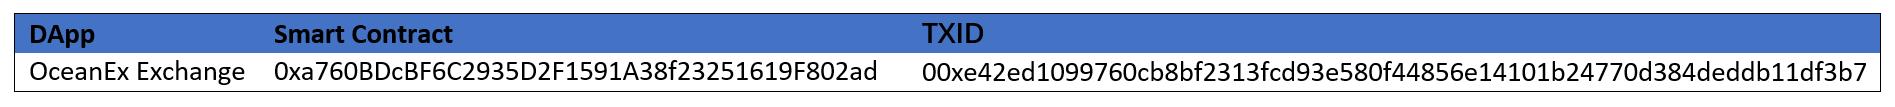 30dd8f59-722a-4387-adbf-41c50b2e6487-image.png